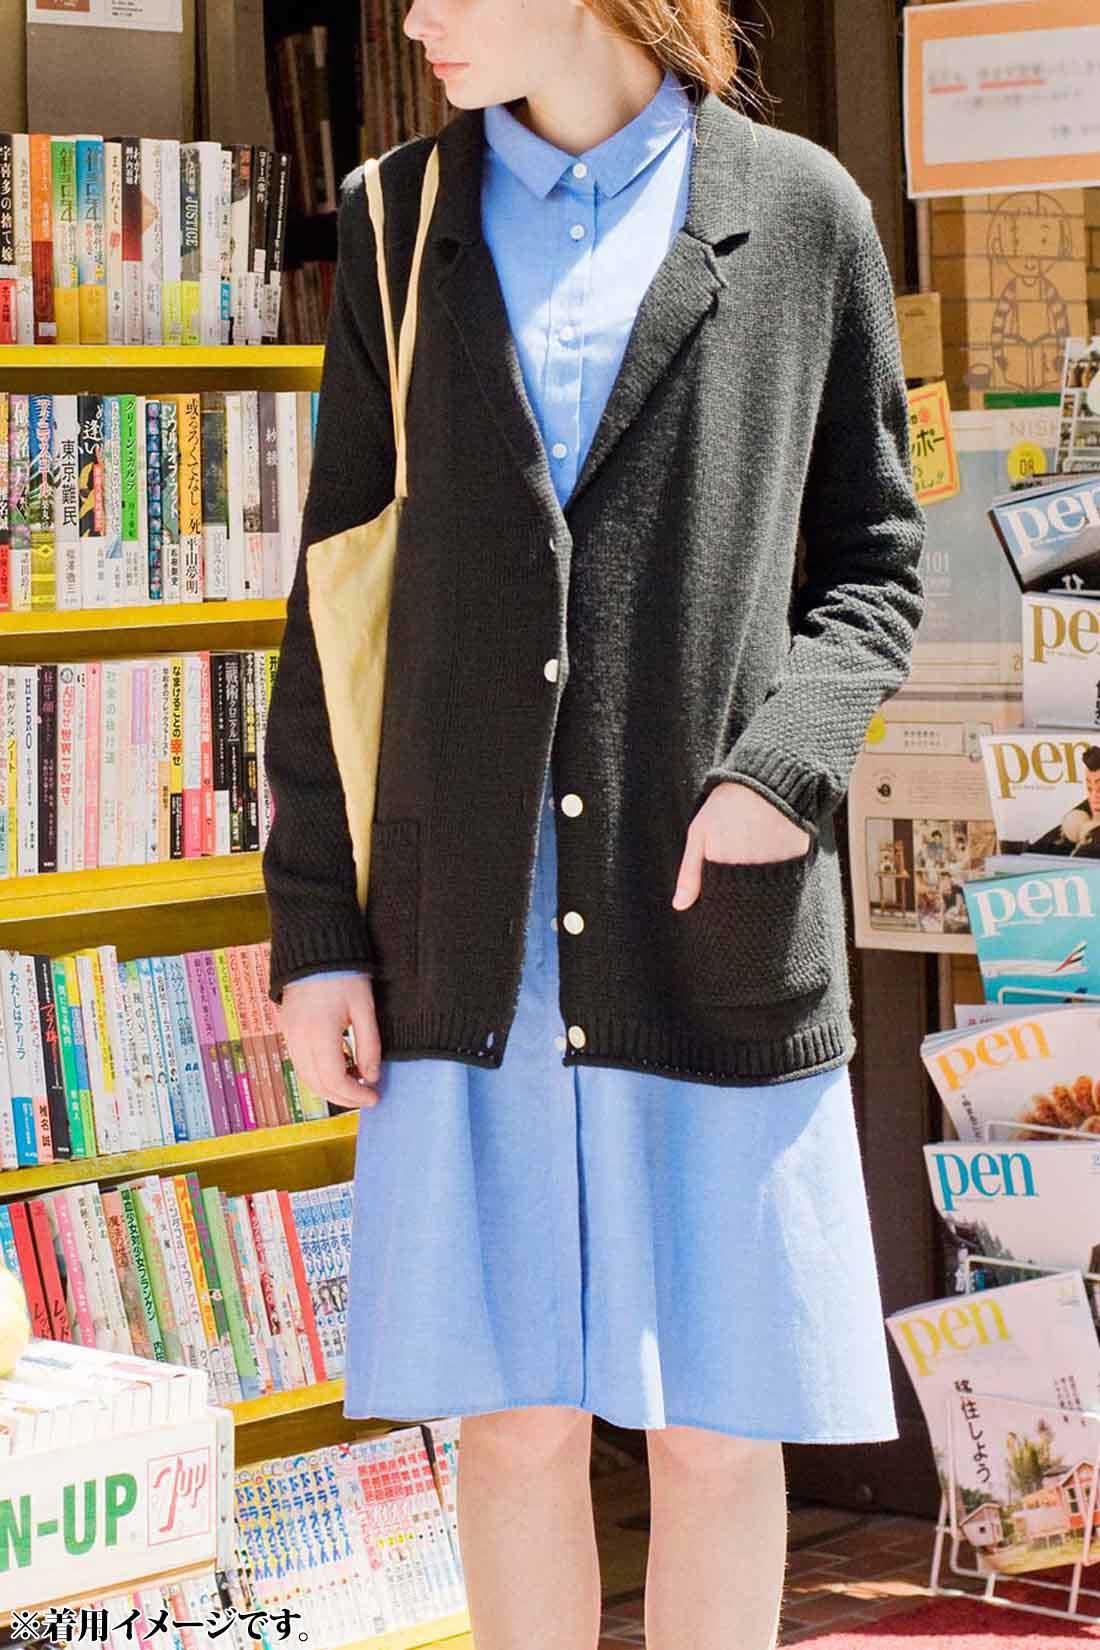 【きちんとして見えるでしょ。】ジャケットより堅苦しくなく、カーディガンよりきちんと見える。衿があるだけでずいぶん印象が変わるね。 ※着用イメージです。お届けするカラーとは異なります。